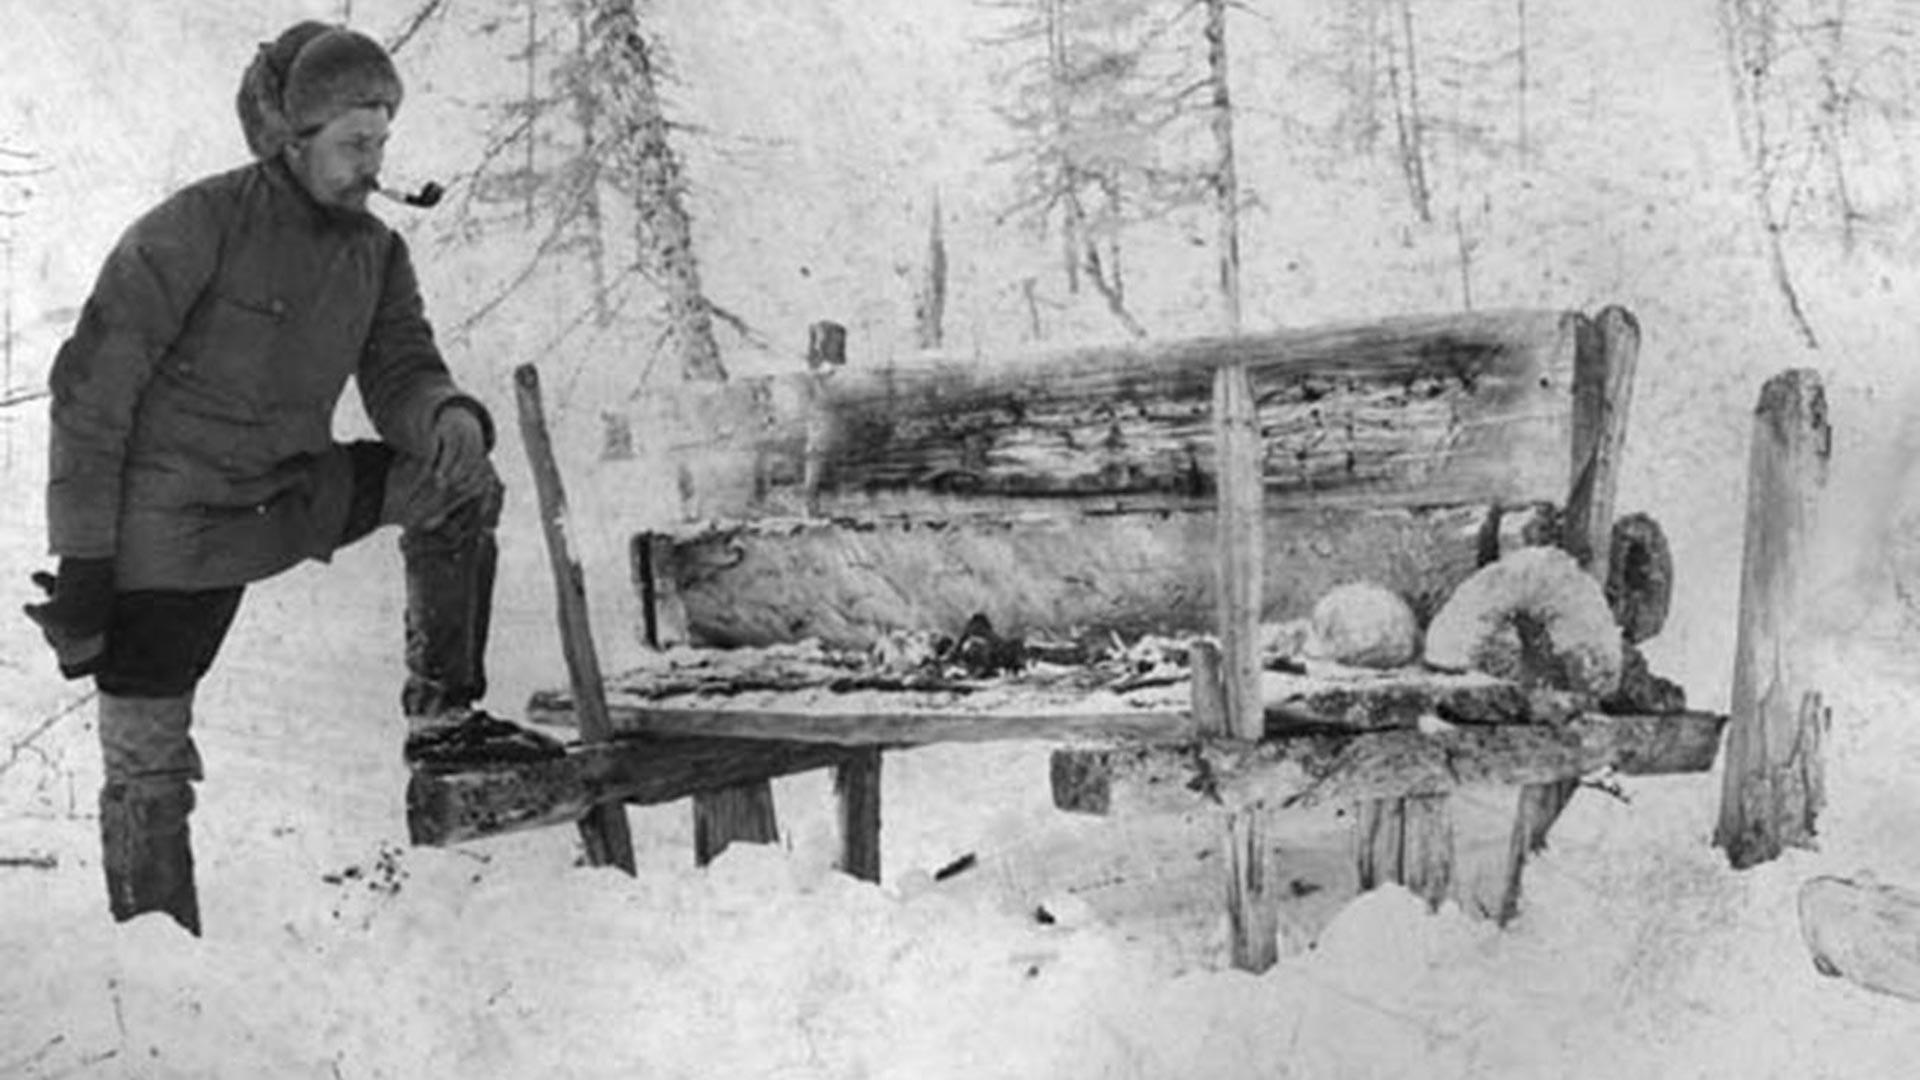 L'etnografo V. Vasiljev davanti a una tomba jakuta nella regione dello Enisej, Siberia, 1905